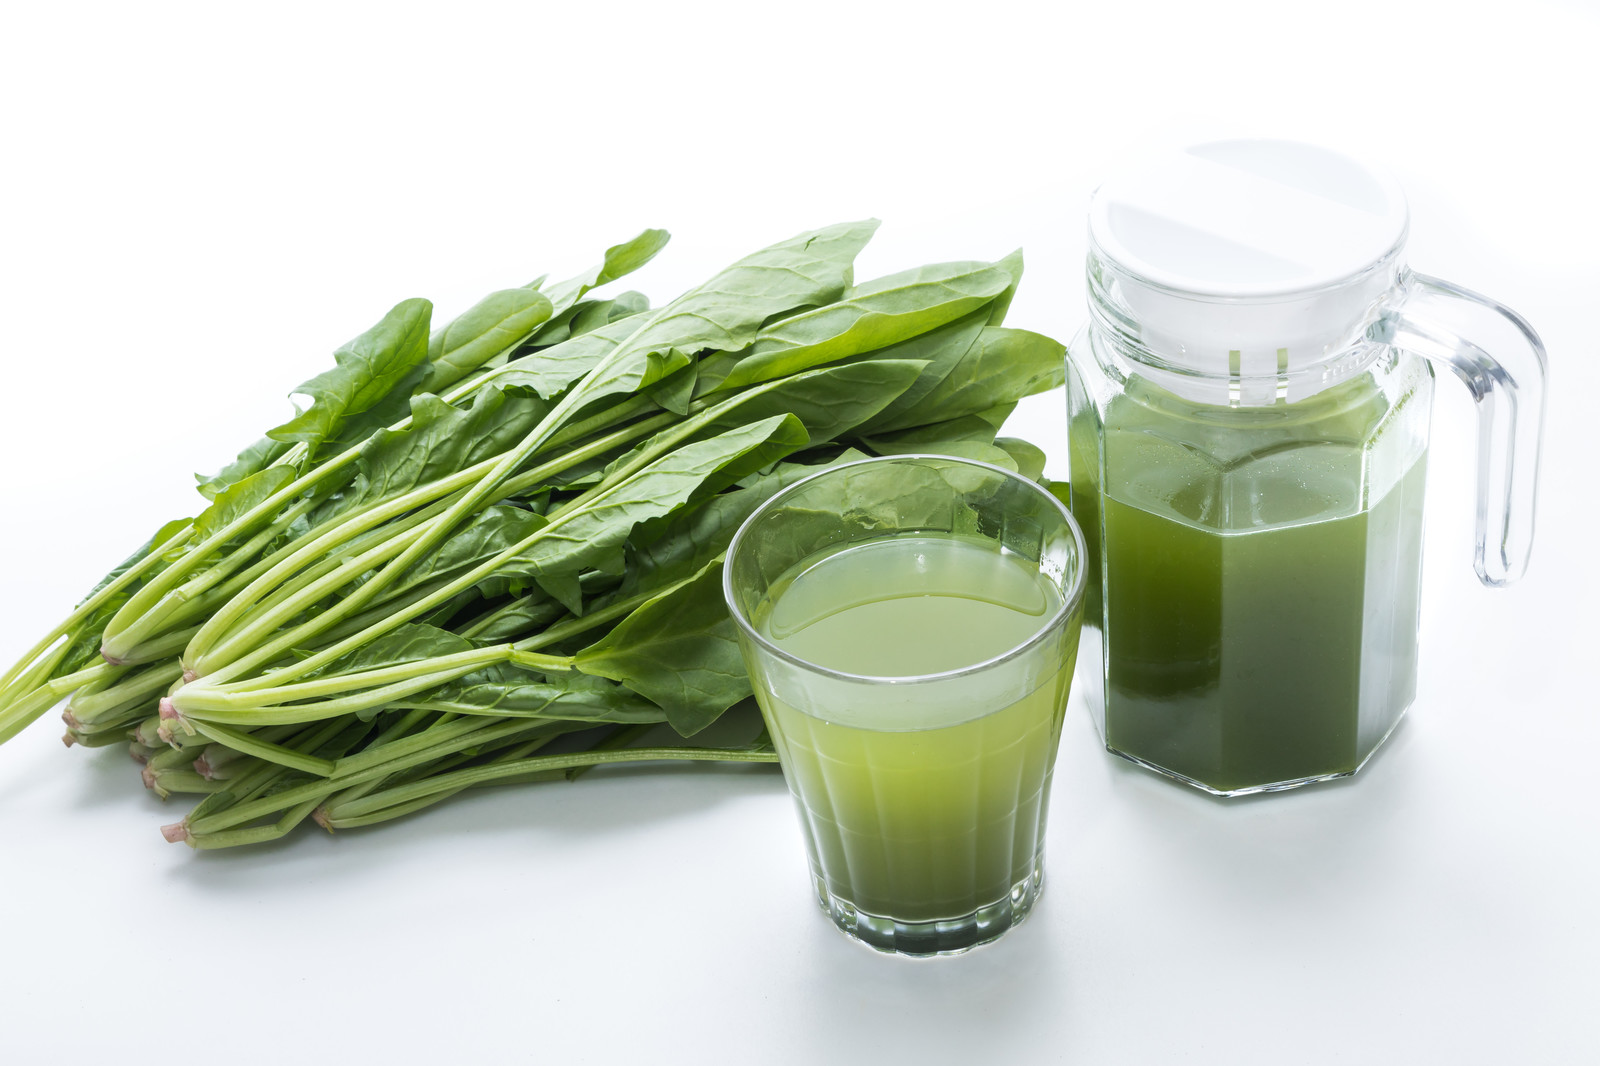 「葉物野菜と青汁のグラス」の写真